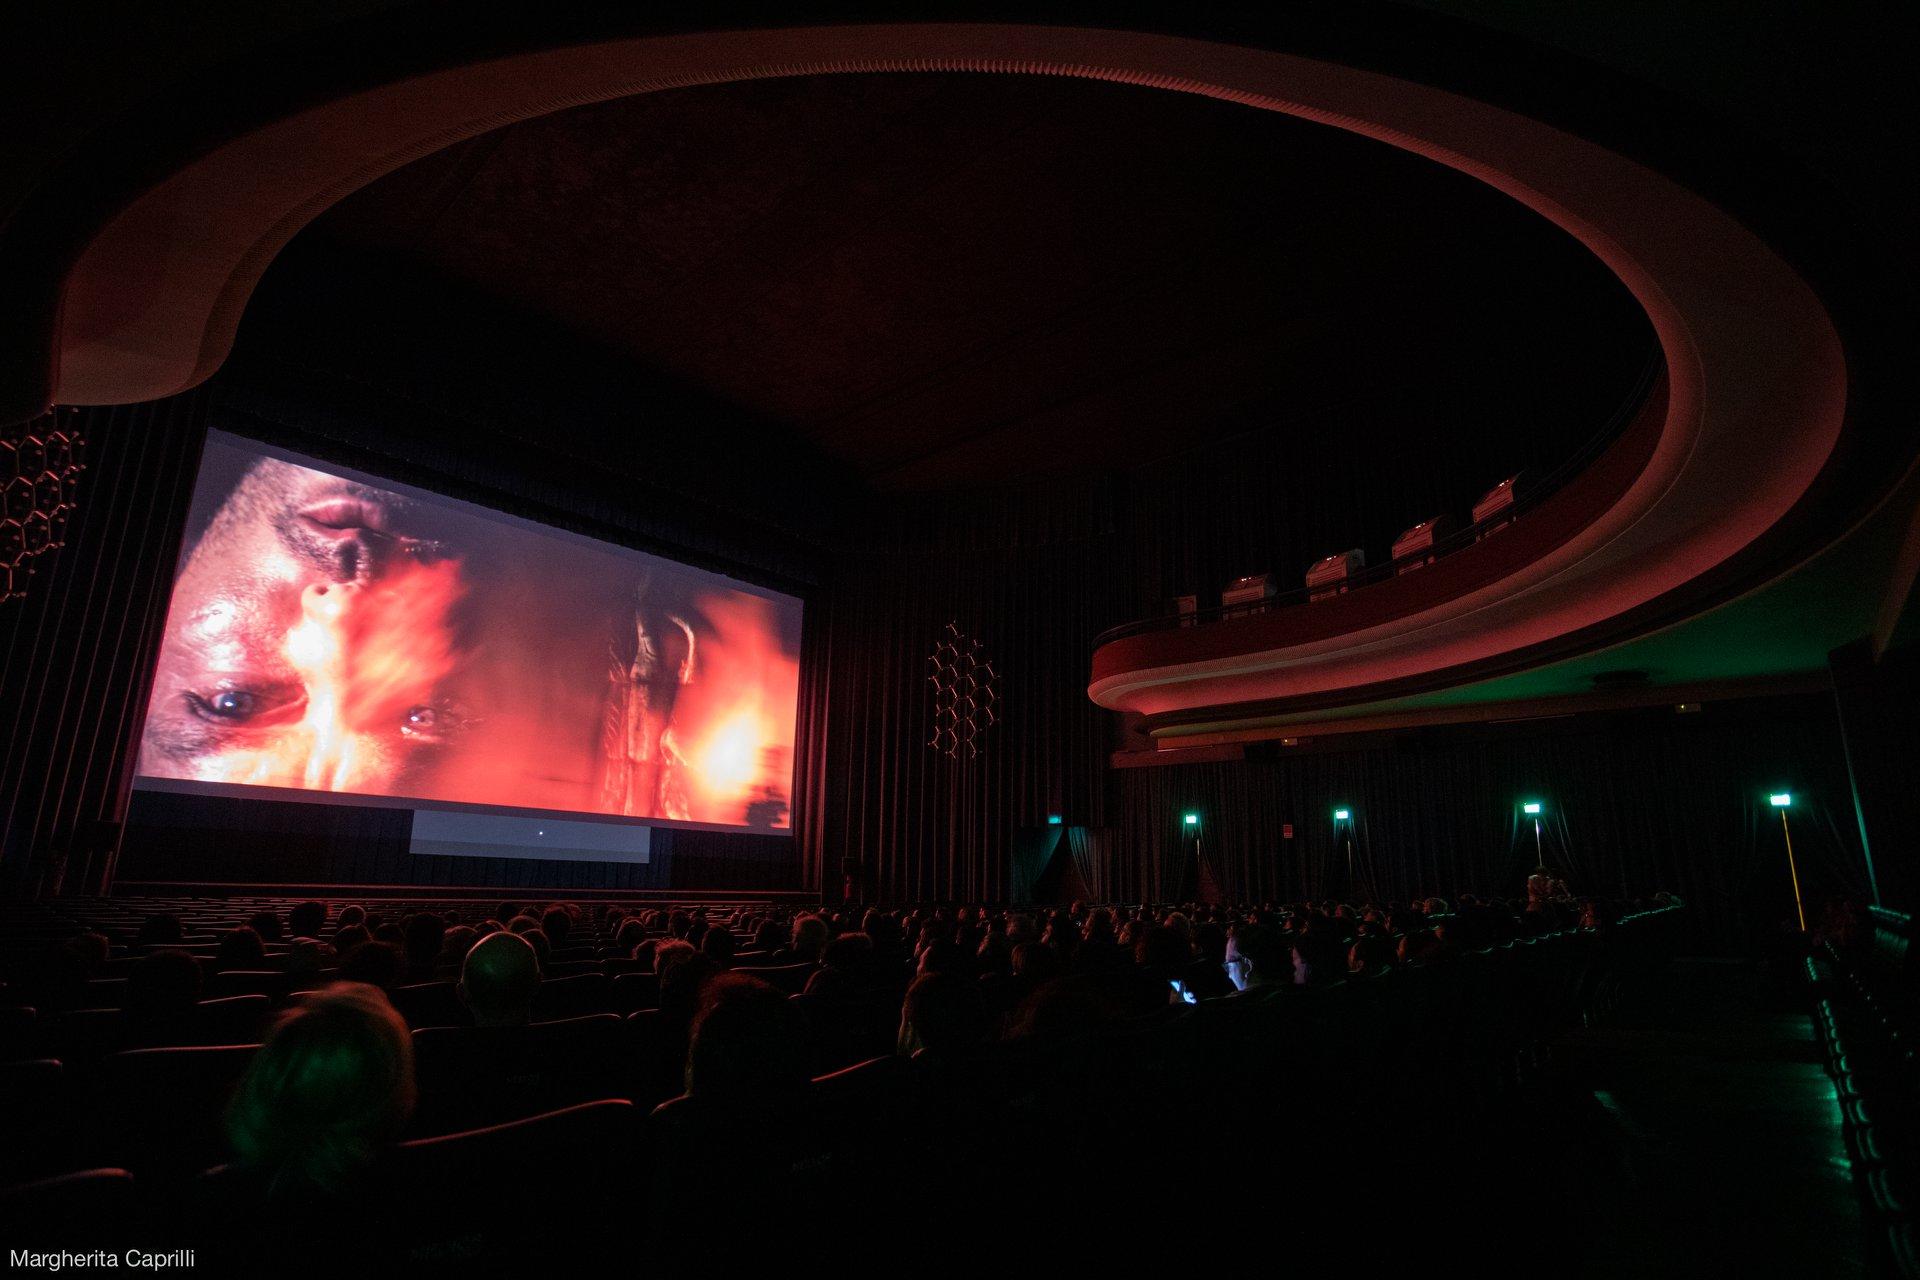 cinema-ritrovato-2021-cineteca